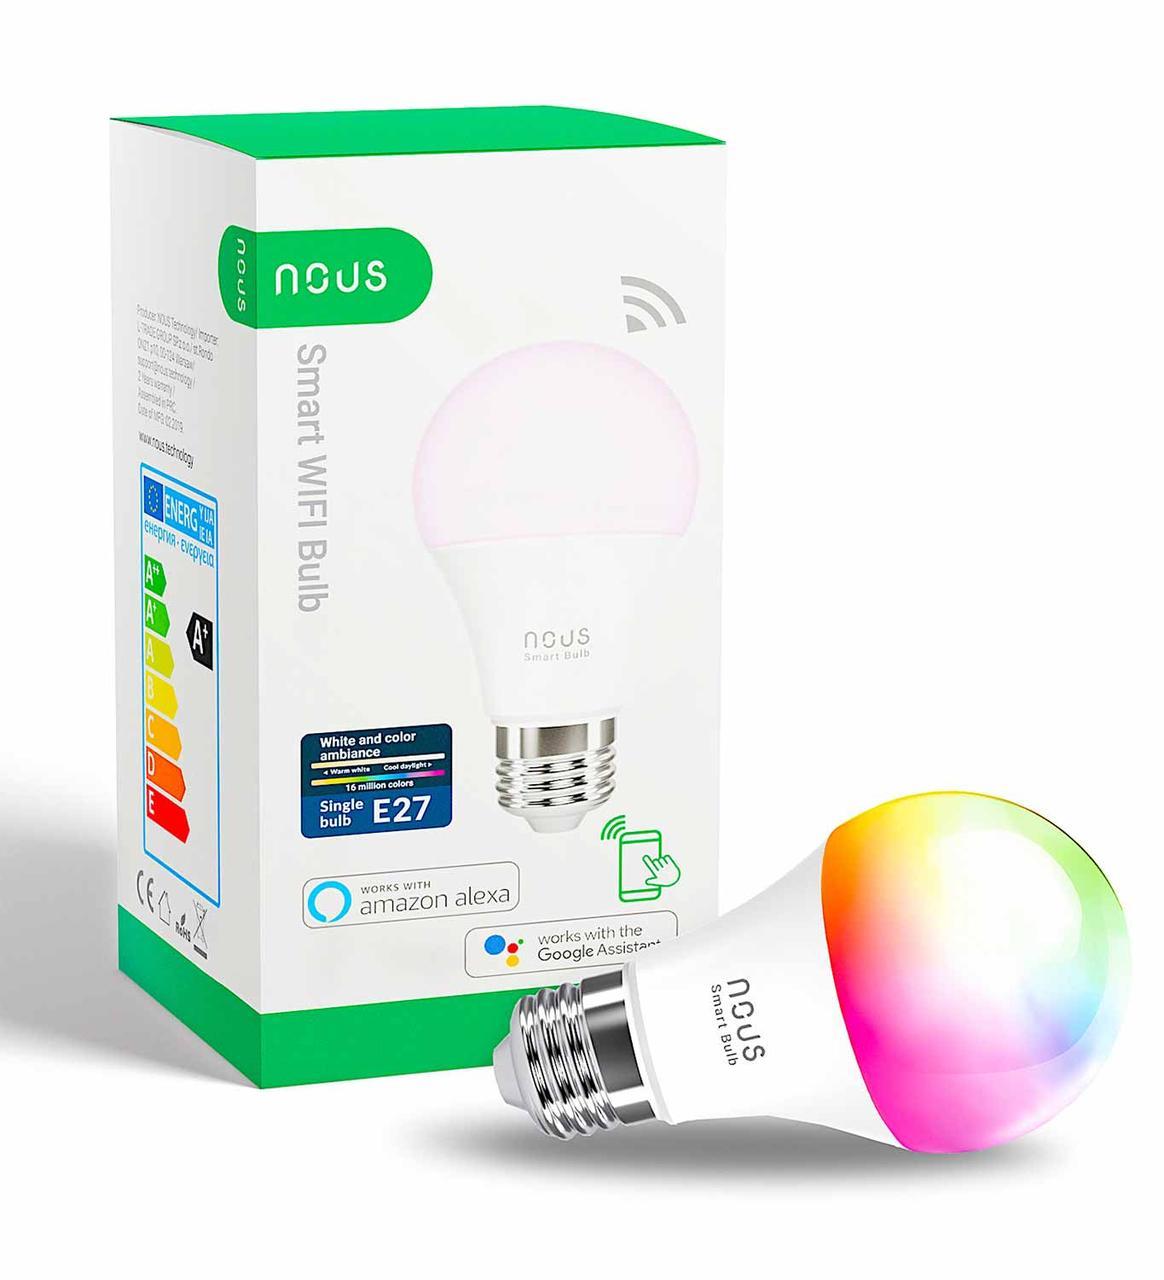 Умная Smart LED лампа NOUS P3 Bulb 9W E27 2700-6000K+RGB Wi-Fi